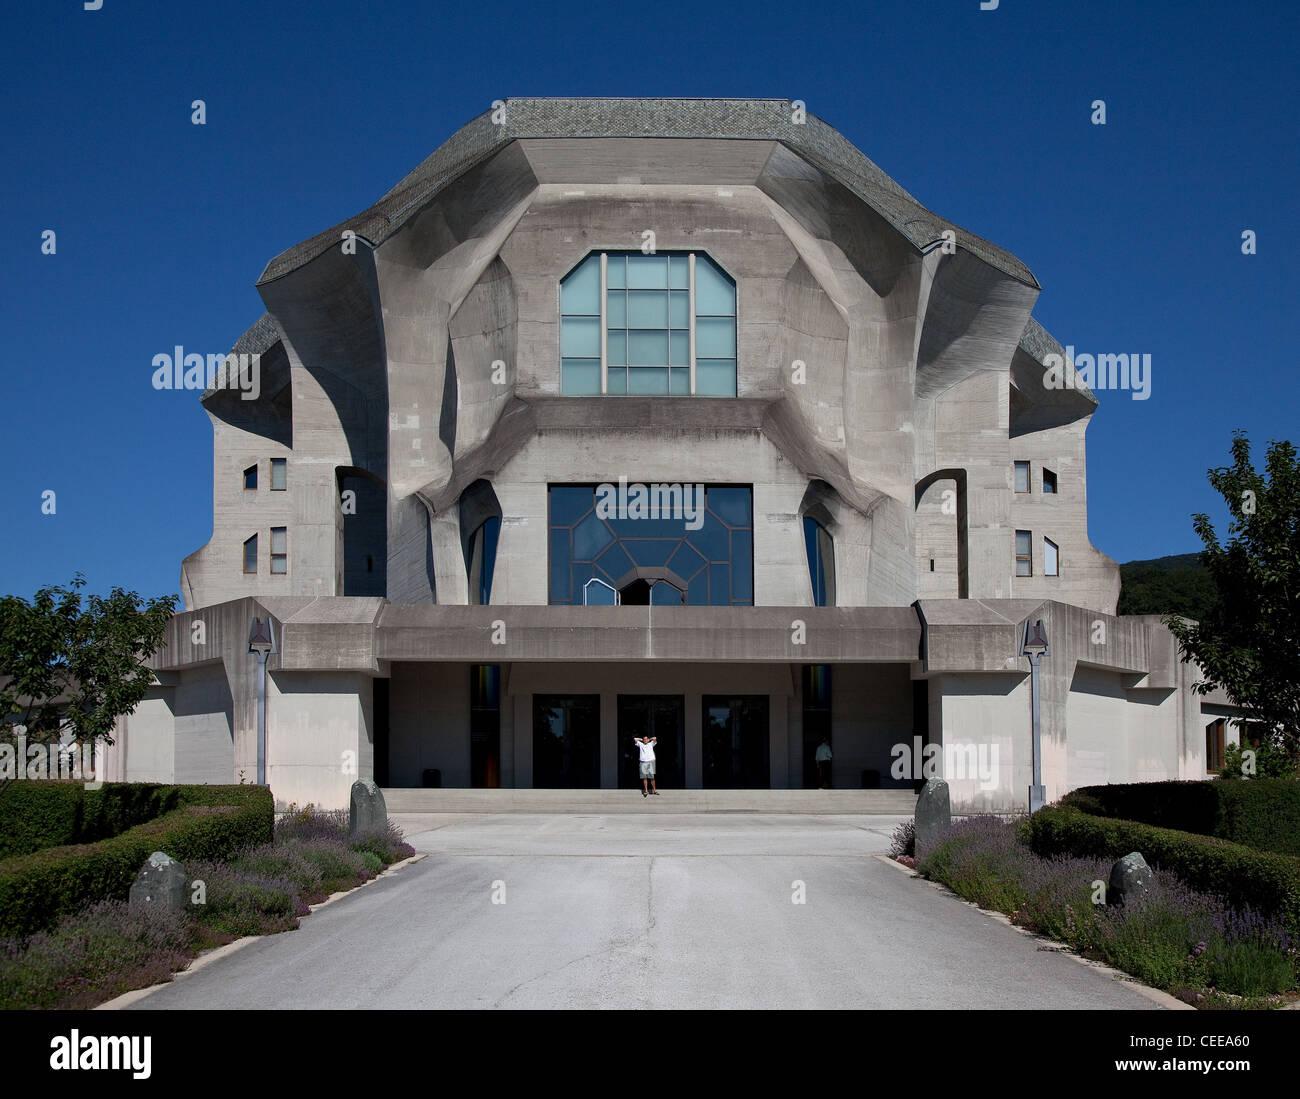 Dornach, Goetheanum, Sitz der Allgemeinen Anthroposophischen Gesellschaft, Baubeginn 1925, Ansicht von Westen - Stock Image